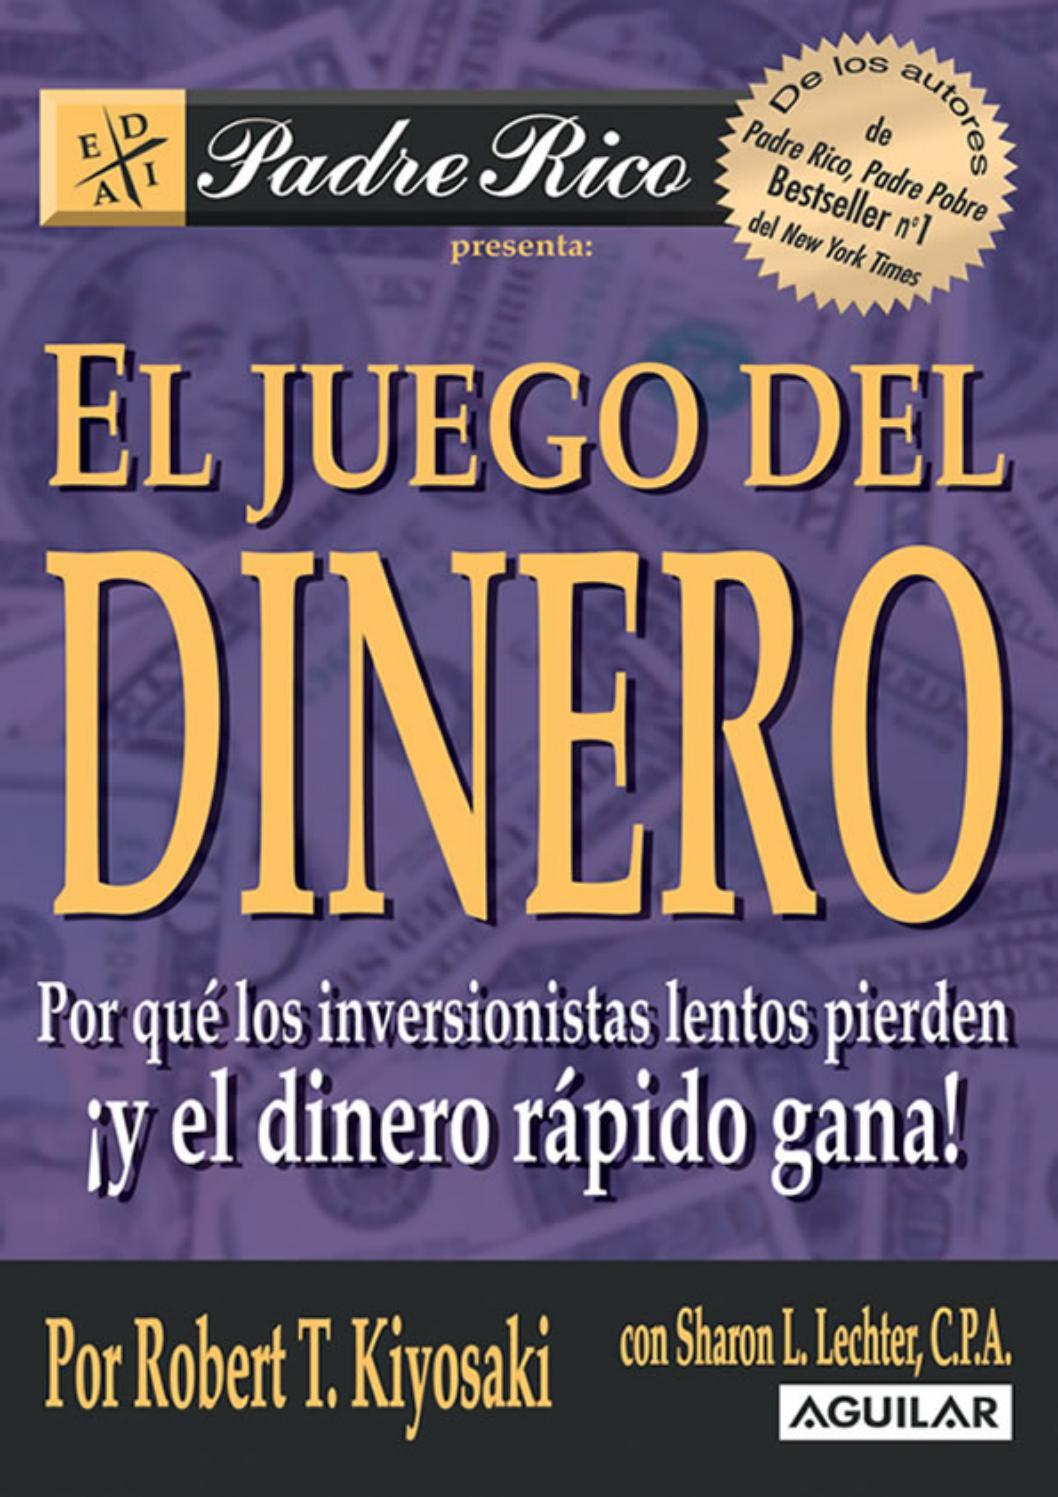 El Juego del Dinero-Robert T. Kiyosaki(171) by Victor E. Cardozo Delgado -  issuu